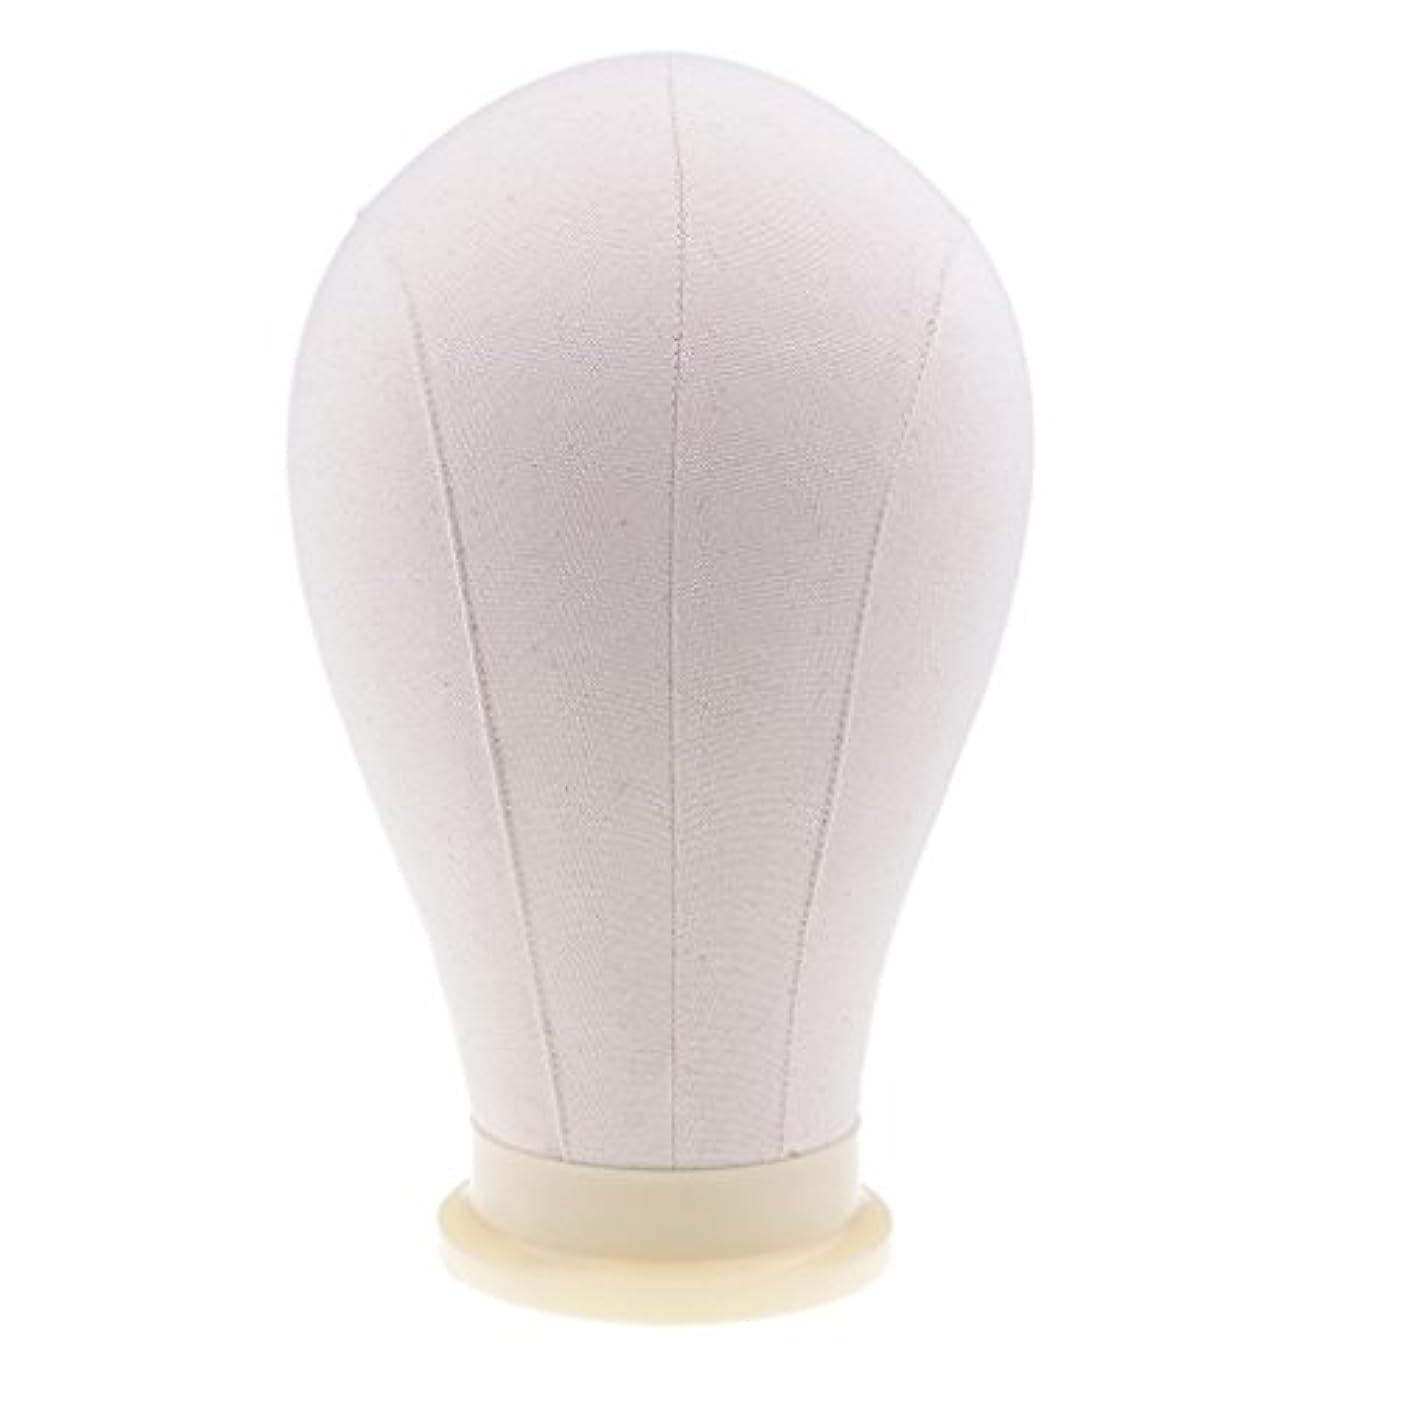 ヘルメット活性化菊Sharplace マネキンヘッド ウィッグ キャンバス 頭部モデル かつら 帽子 メガネ ディスプレイ ホルダー 4サイズ - 24インチ